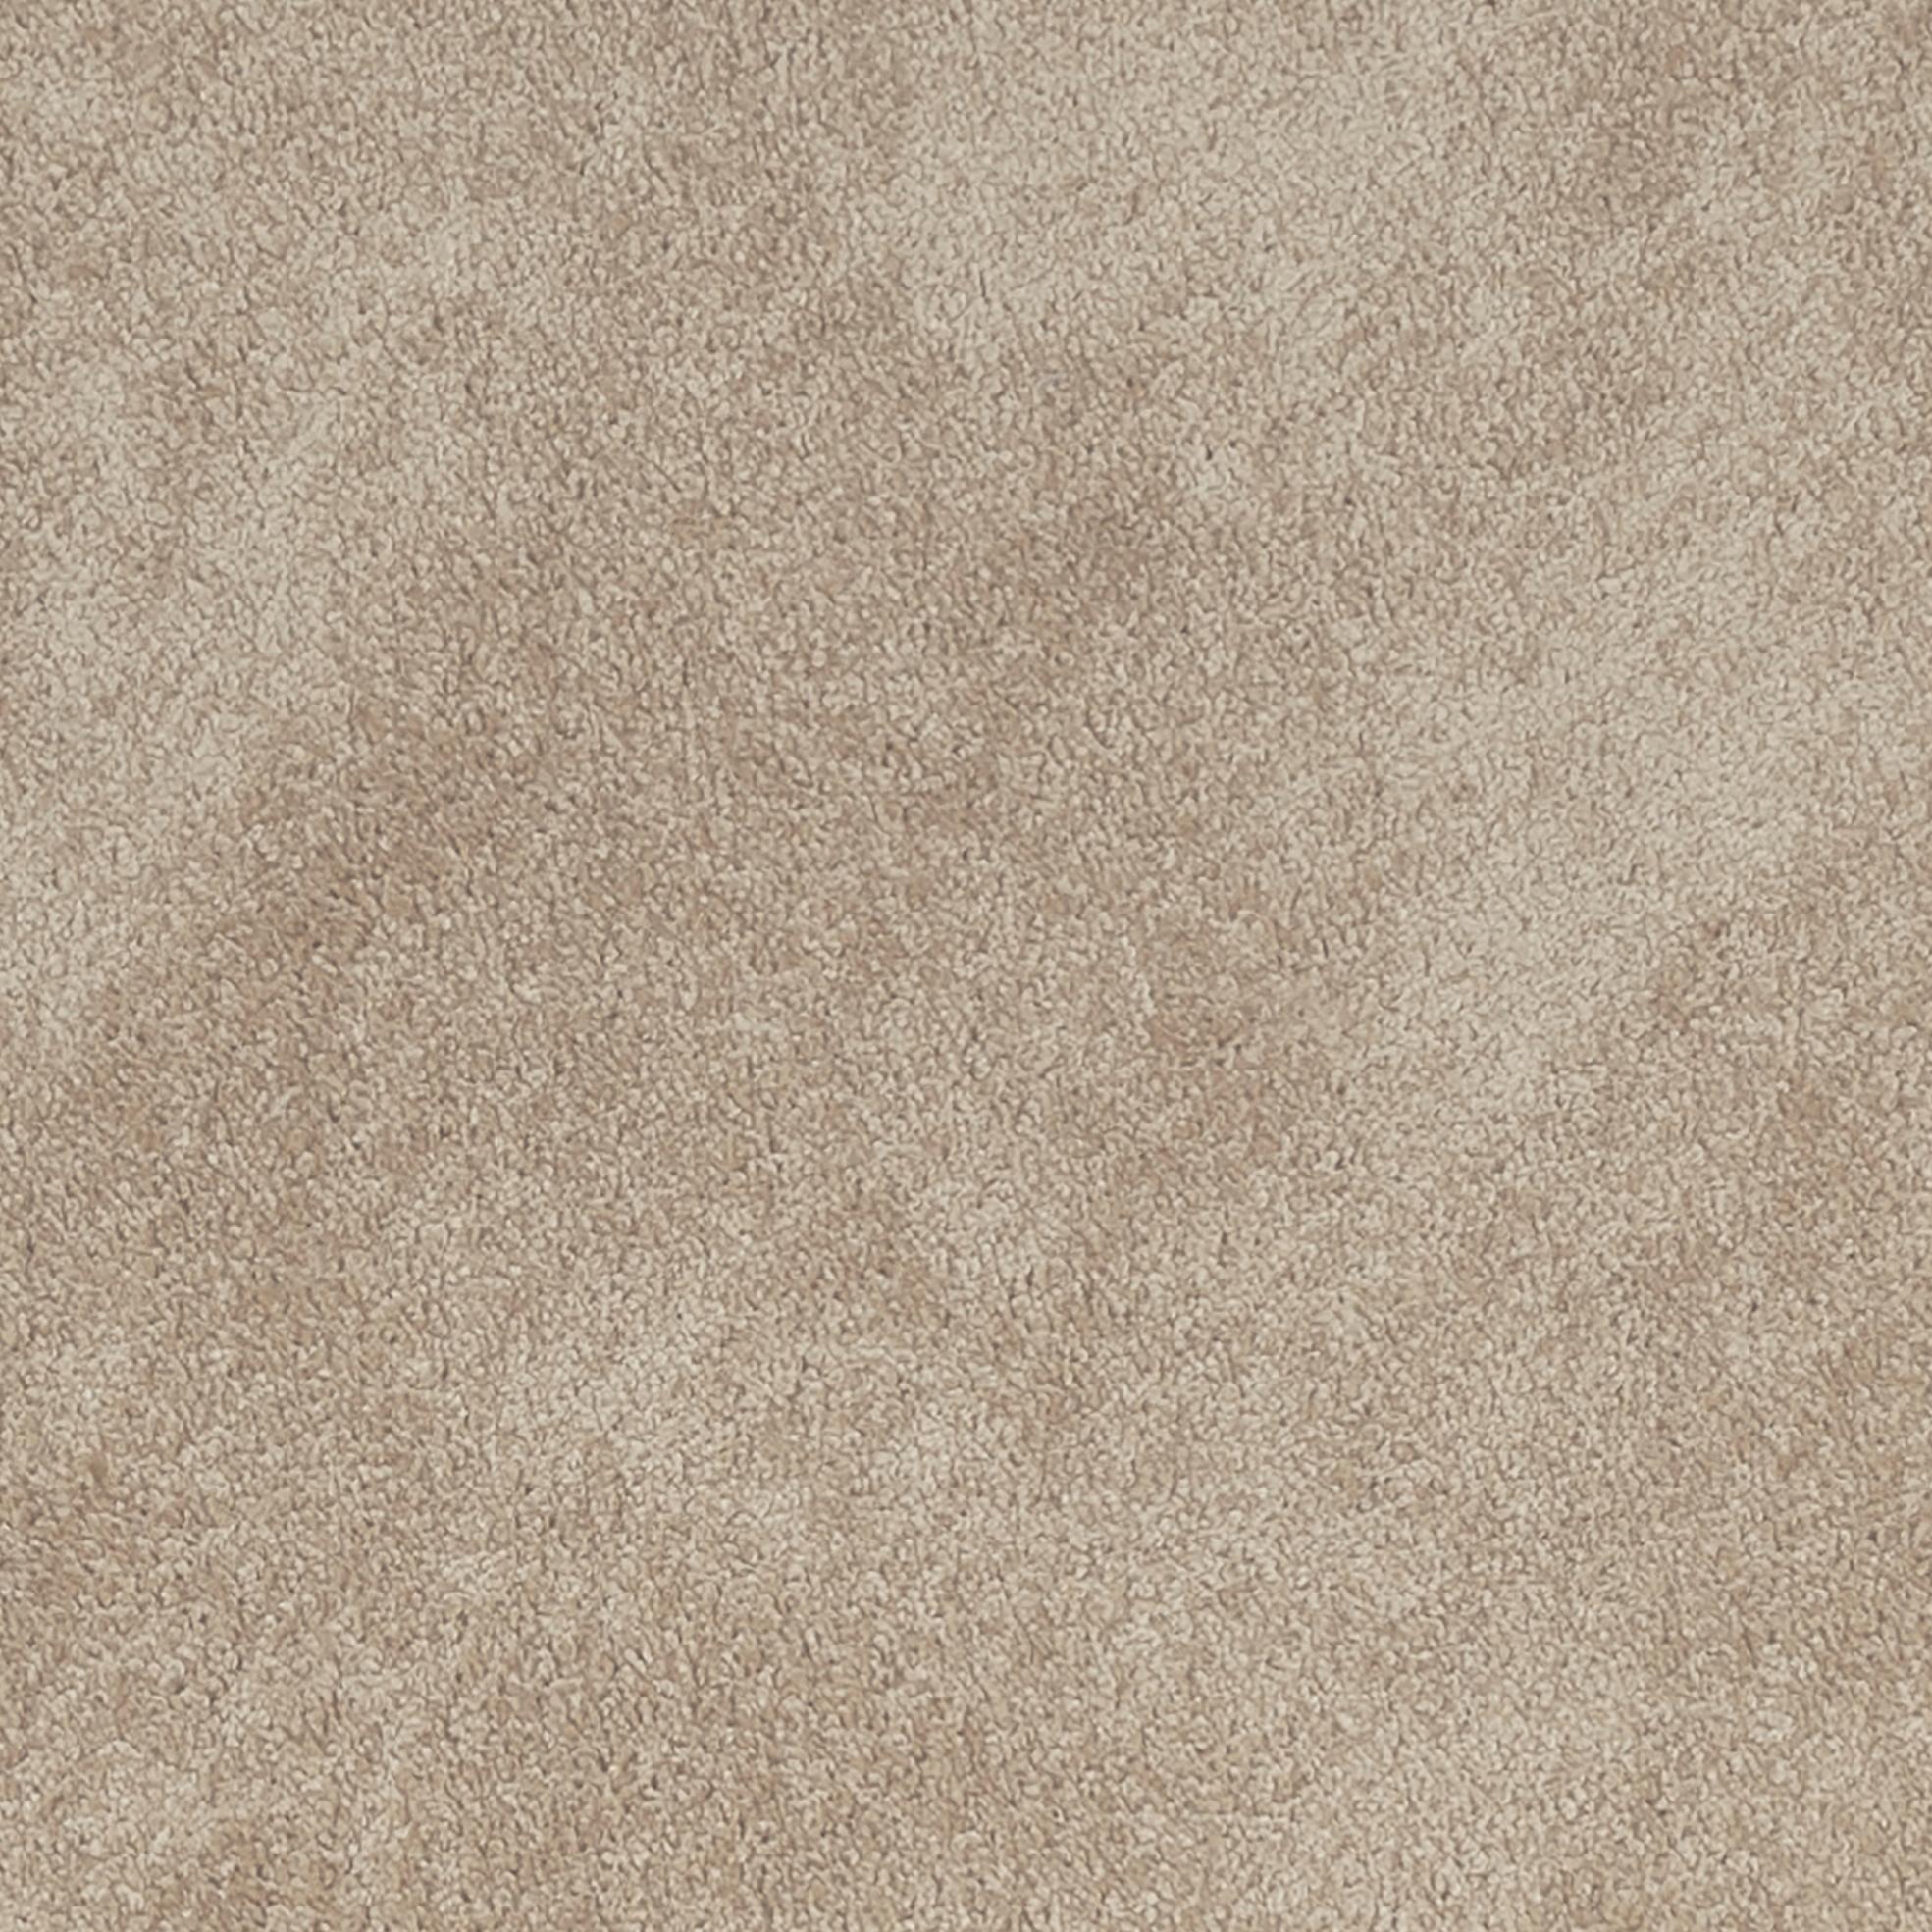 Wykładzina dywanowa shaggy na wymiar 4m beż filc